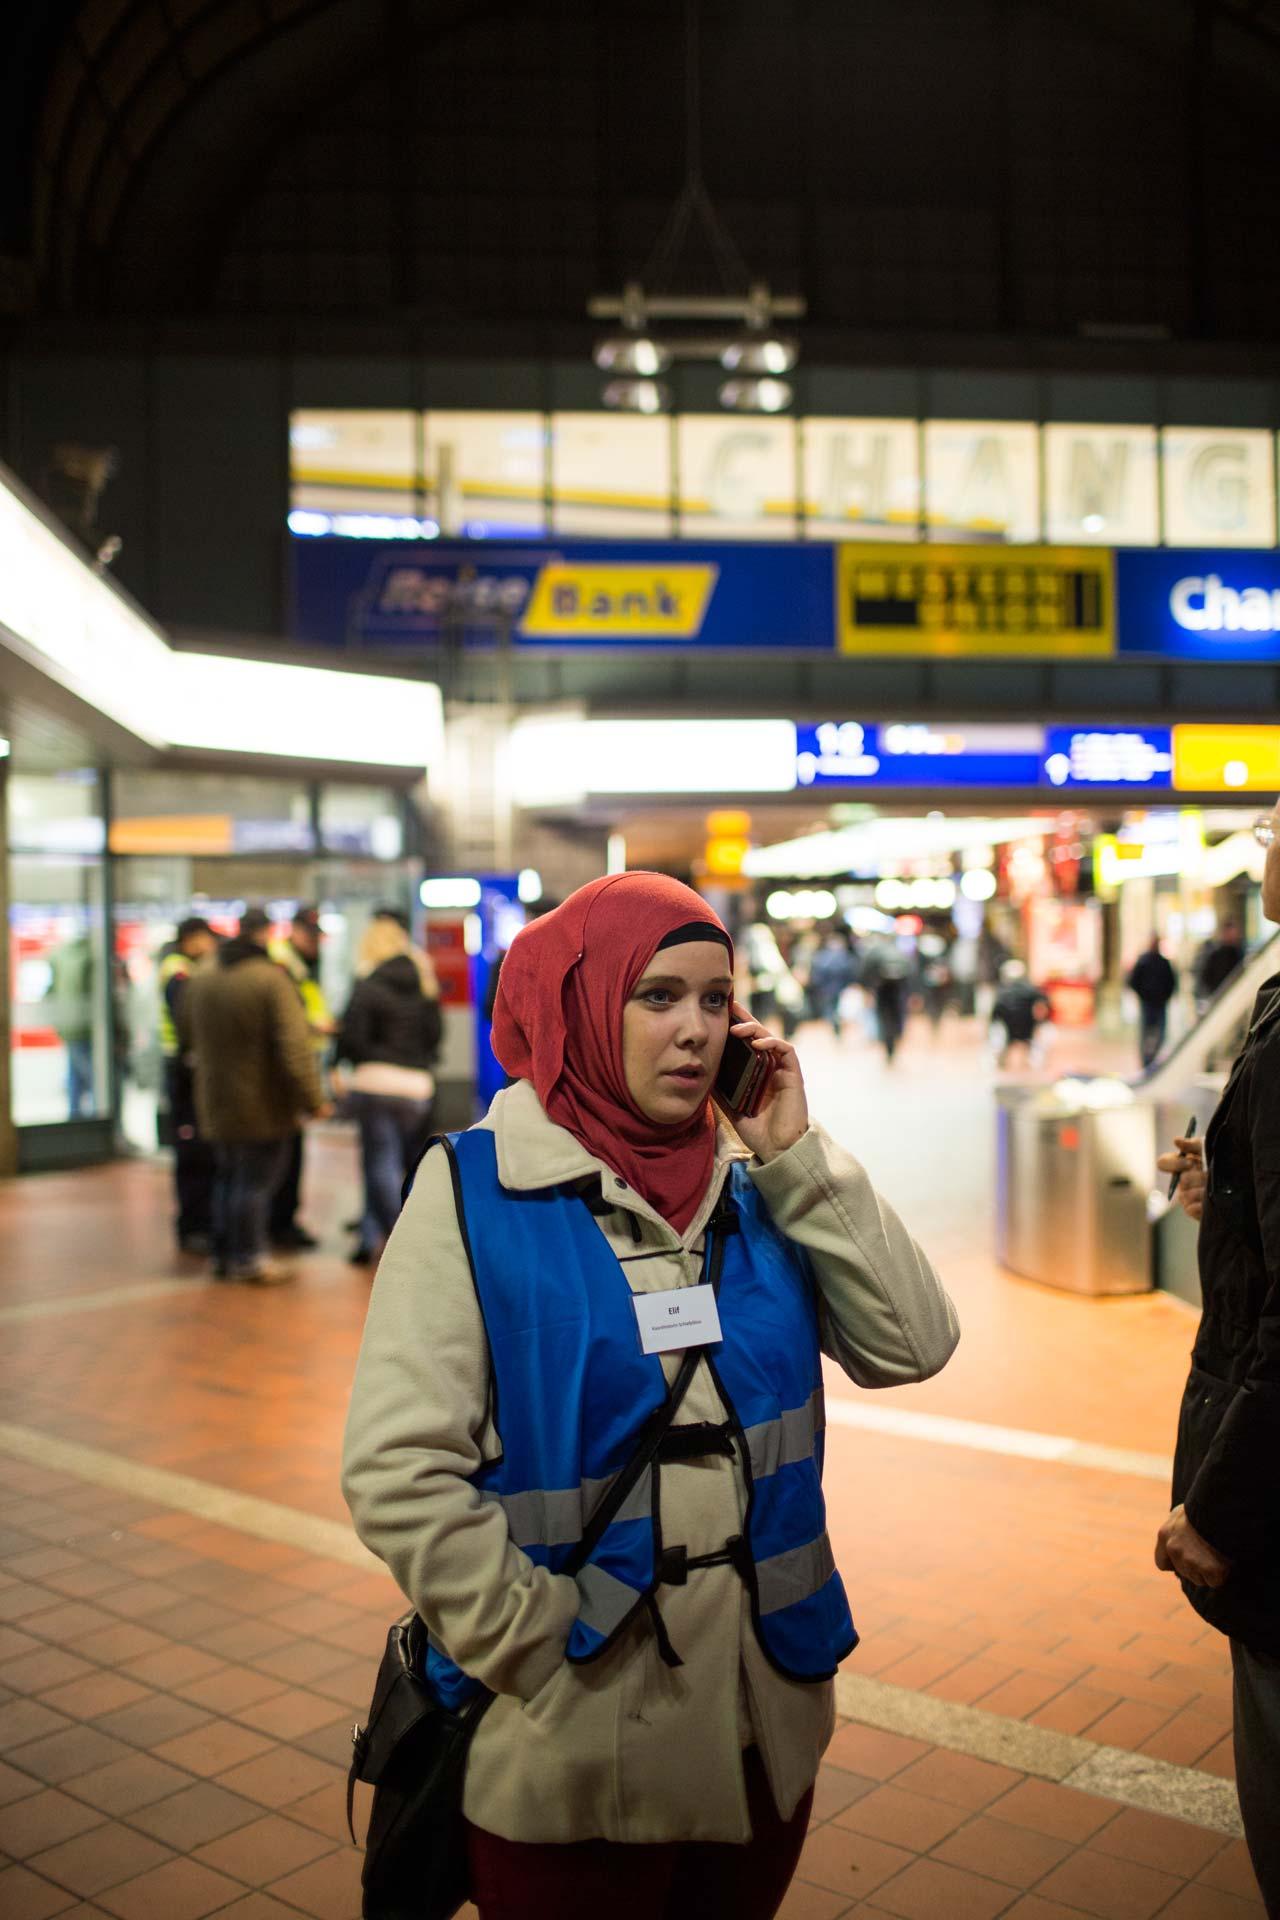 Seit vielen Monaten nehmen ehrenamtliche Helfer am Hamburger Hauptbahnhof Flüchtlinge in Empfang. Die freiweillige Helferin Tomke Bittu (Elif) versucht telefonisch herauszufinden, wo in dieser Nacht noch Schlafplätze für Transitflüchtlinge frei sind. Foto: Philipp Reiss